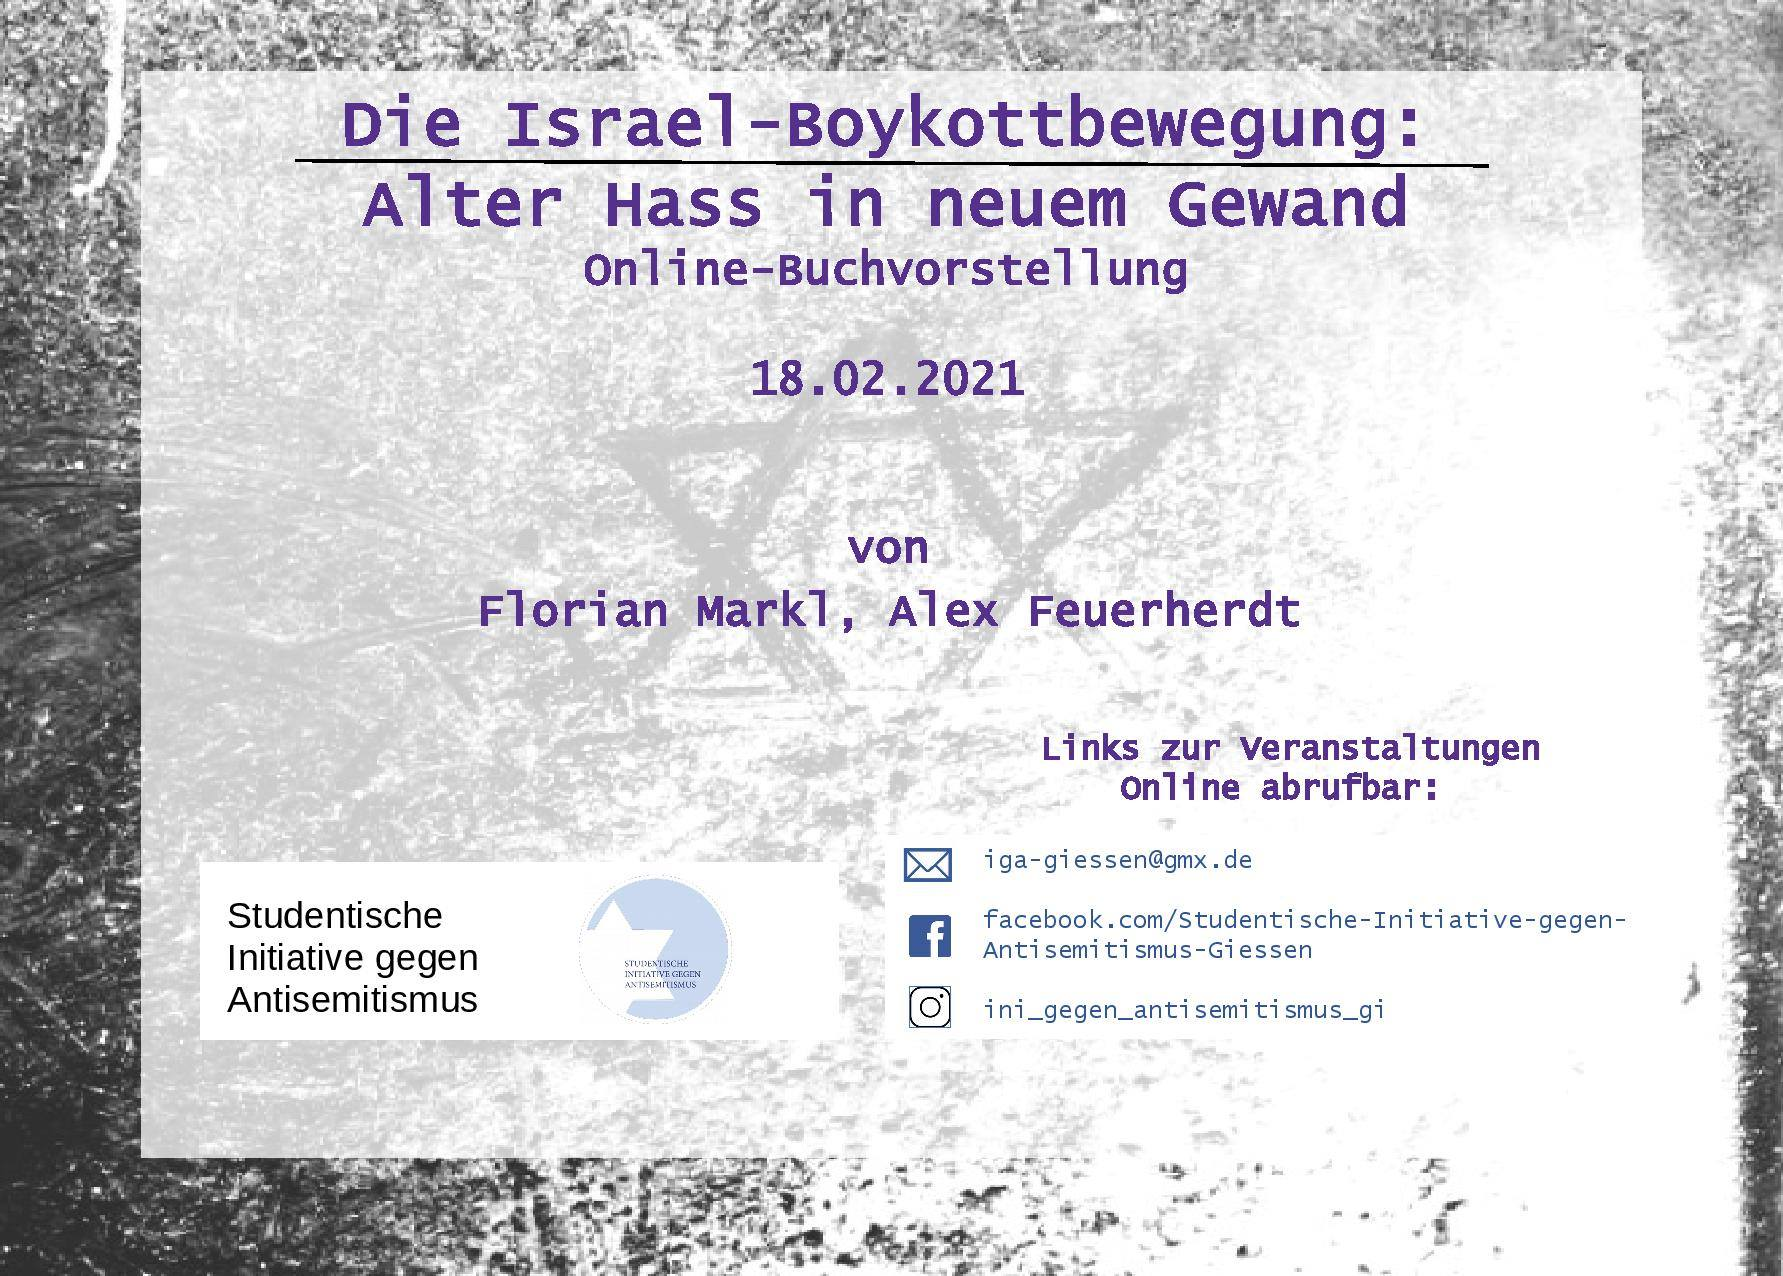 Die Israel-Boykottbewegung: Alter Hass in neuem Gewand